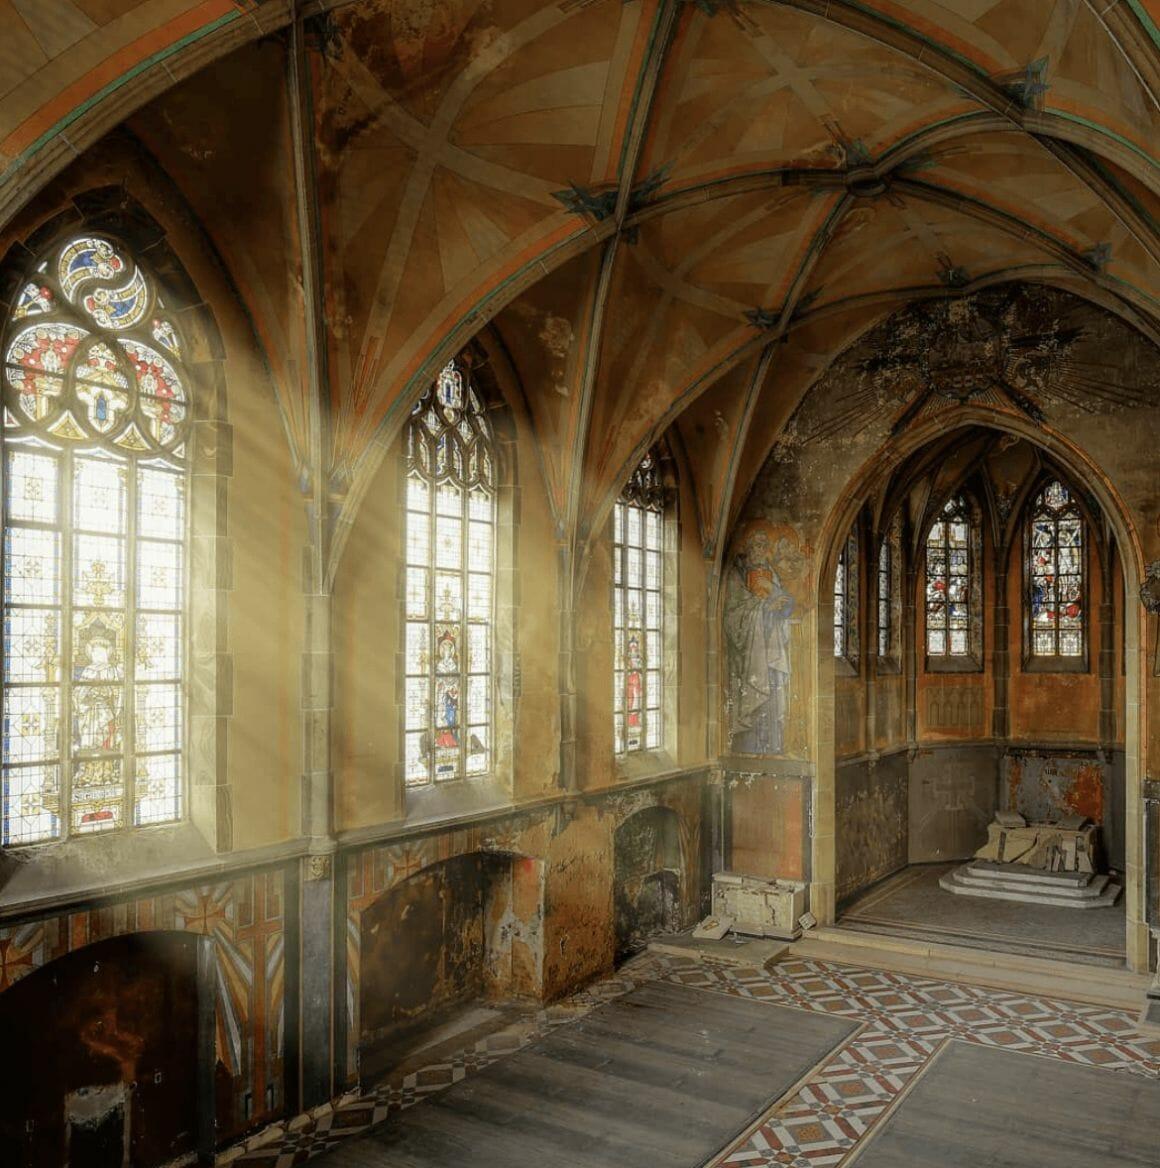 photographie d'une église prise par revierstrolch